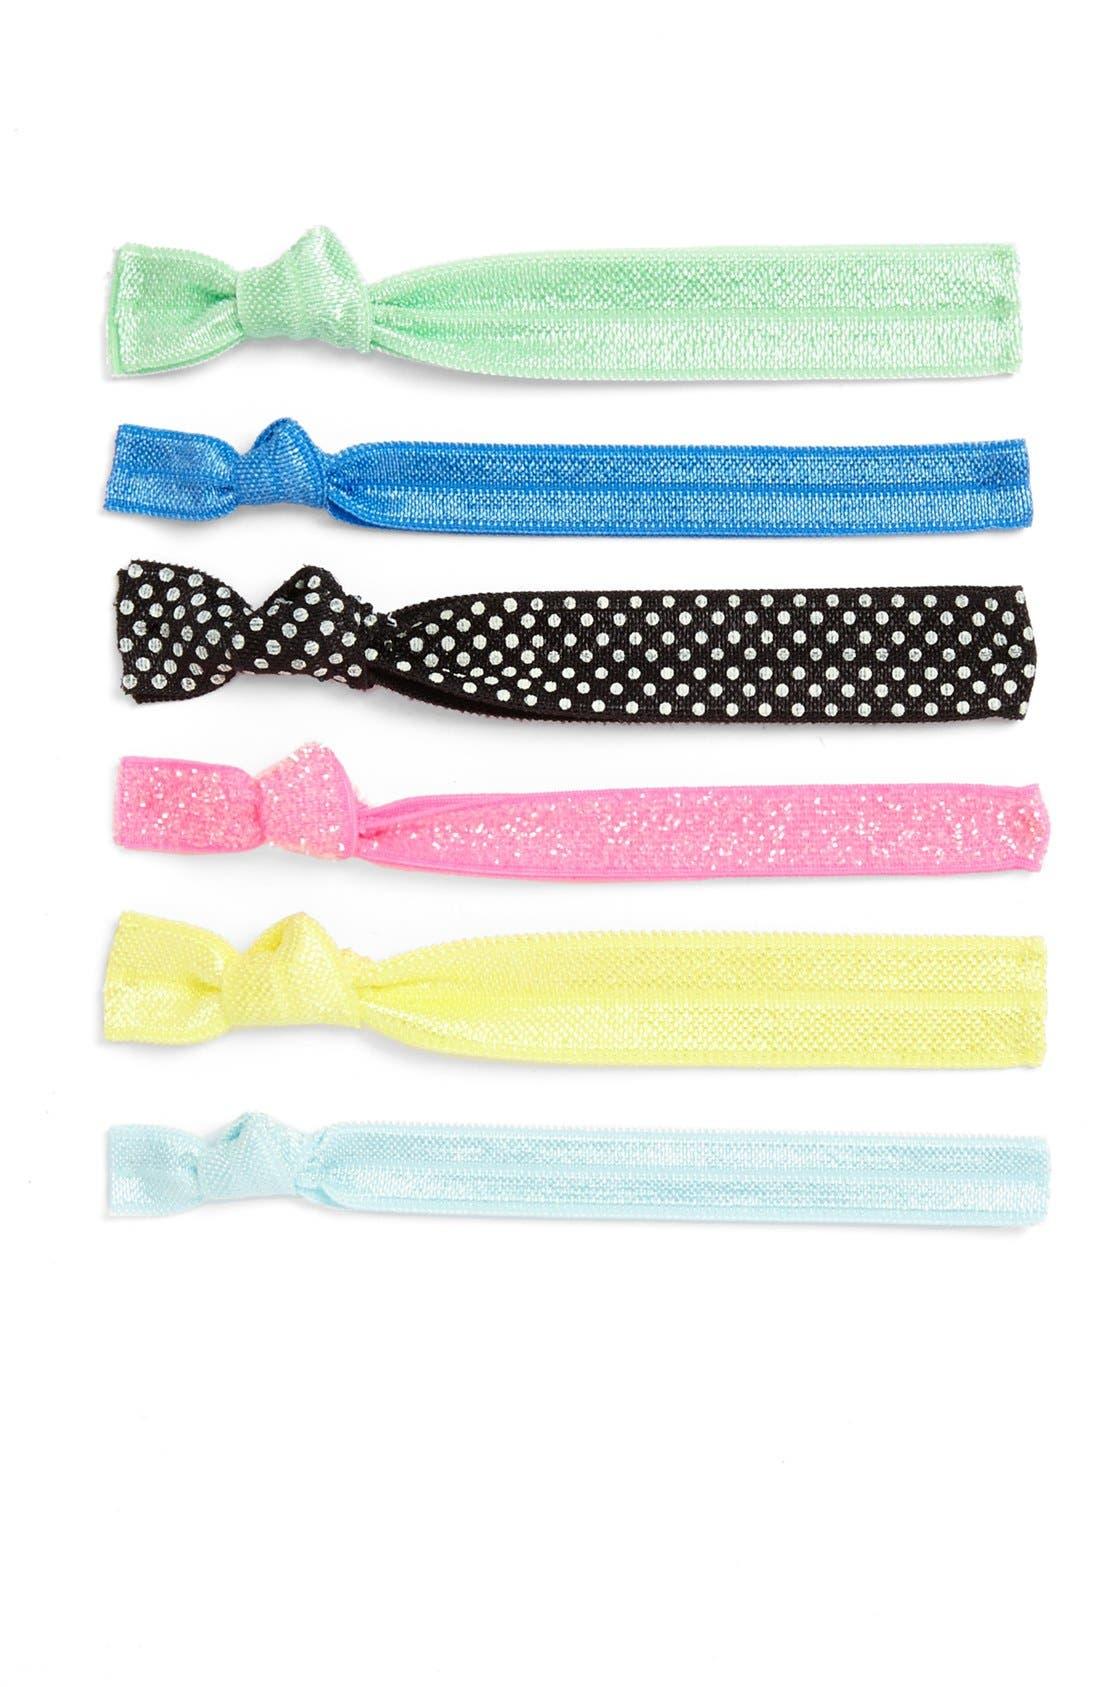 Alternate Image 1 Selected - Kitsch 'Sweet Tart' Hair Ties (6-Pack) (Girls)